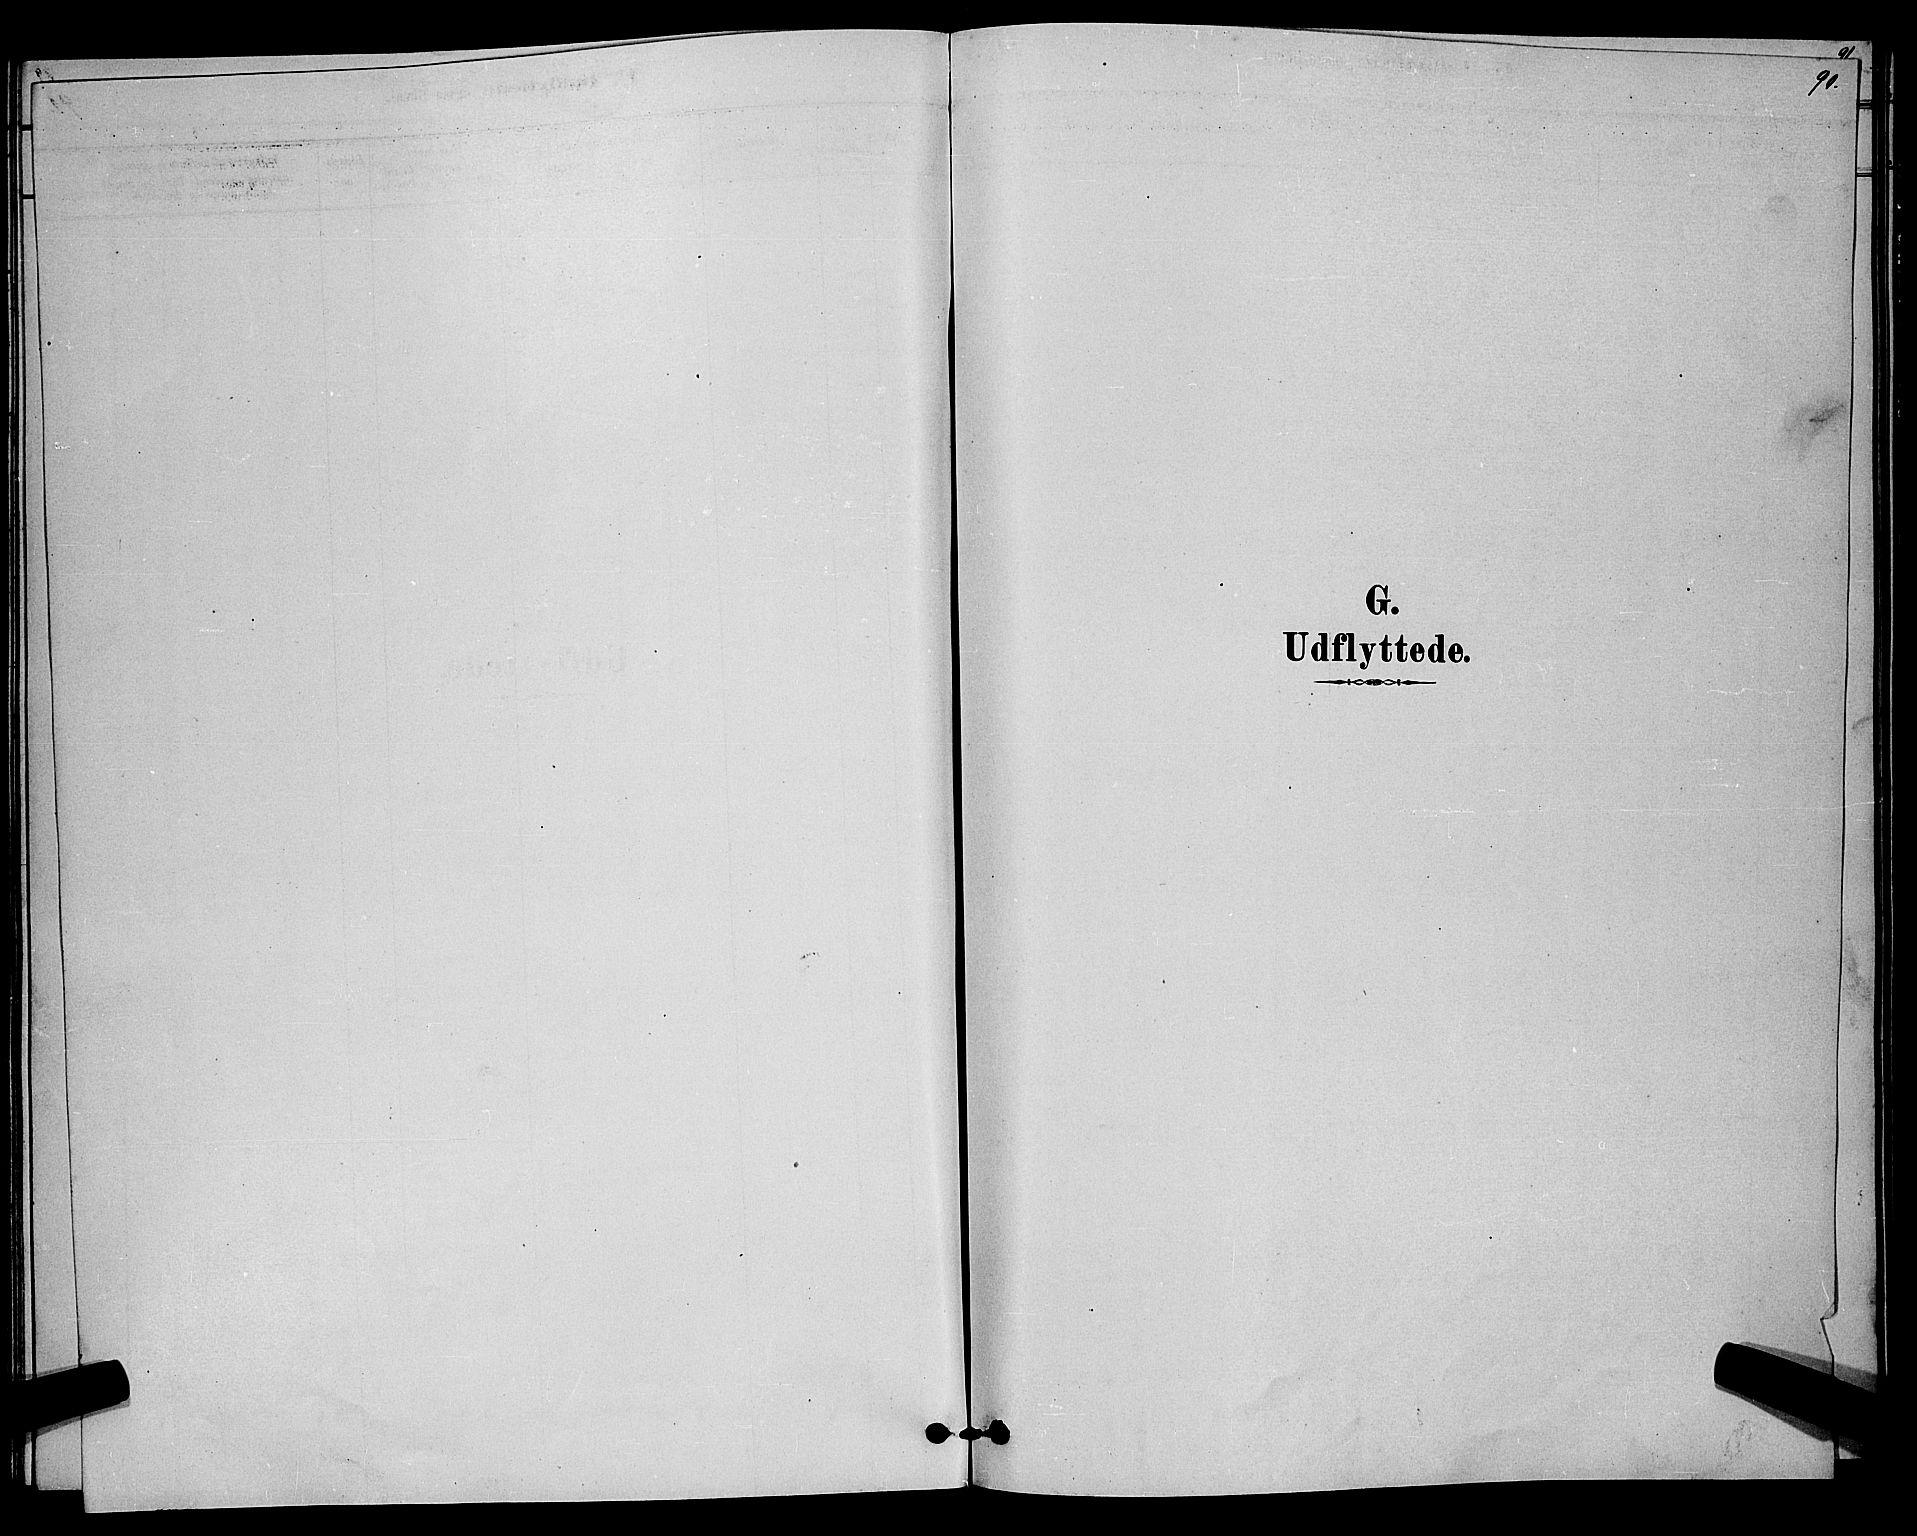 SAKO, Lårdal kirkebøker, G/Gc/L0003: Klokkerbok nr. III 3, 1878-1890, s. 90